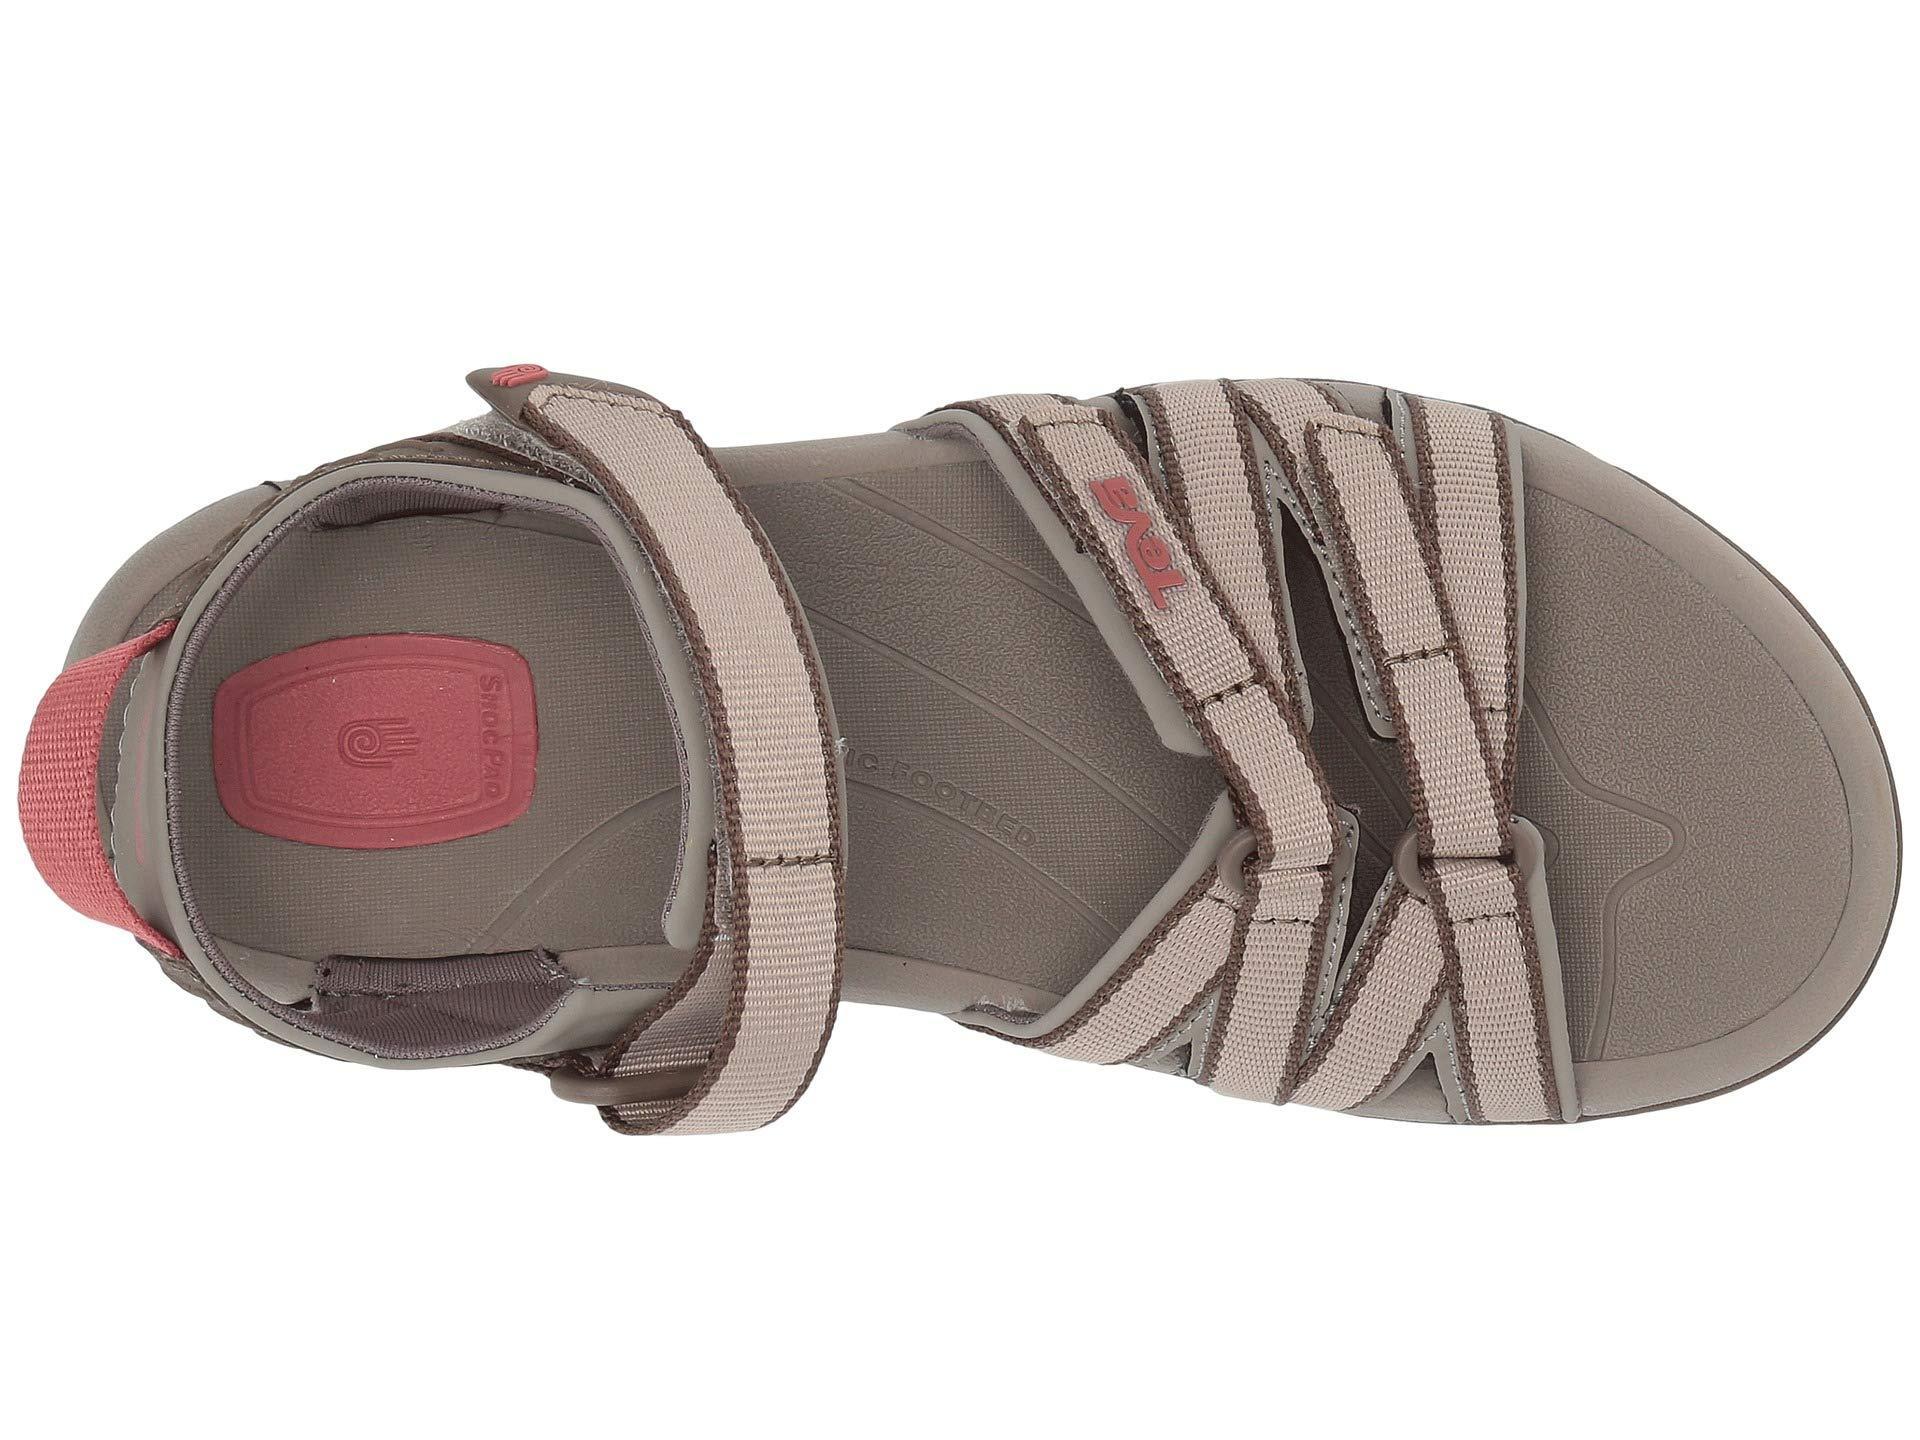 7b18559b497 ... Tirra (hera Gray Mist) Women's Sandals - Lyst. View fullscreen